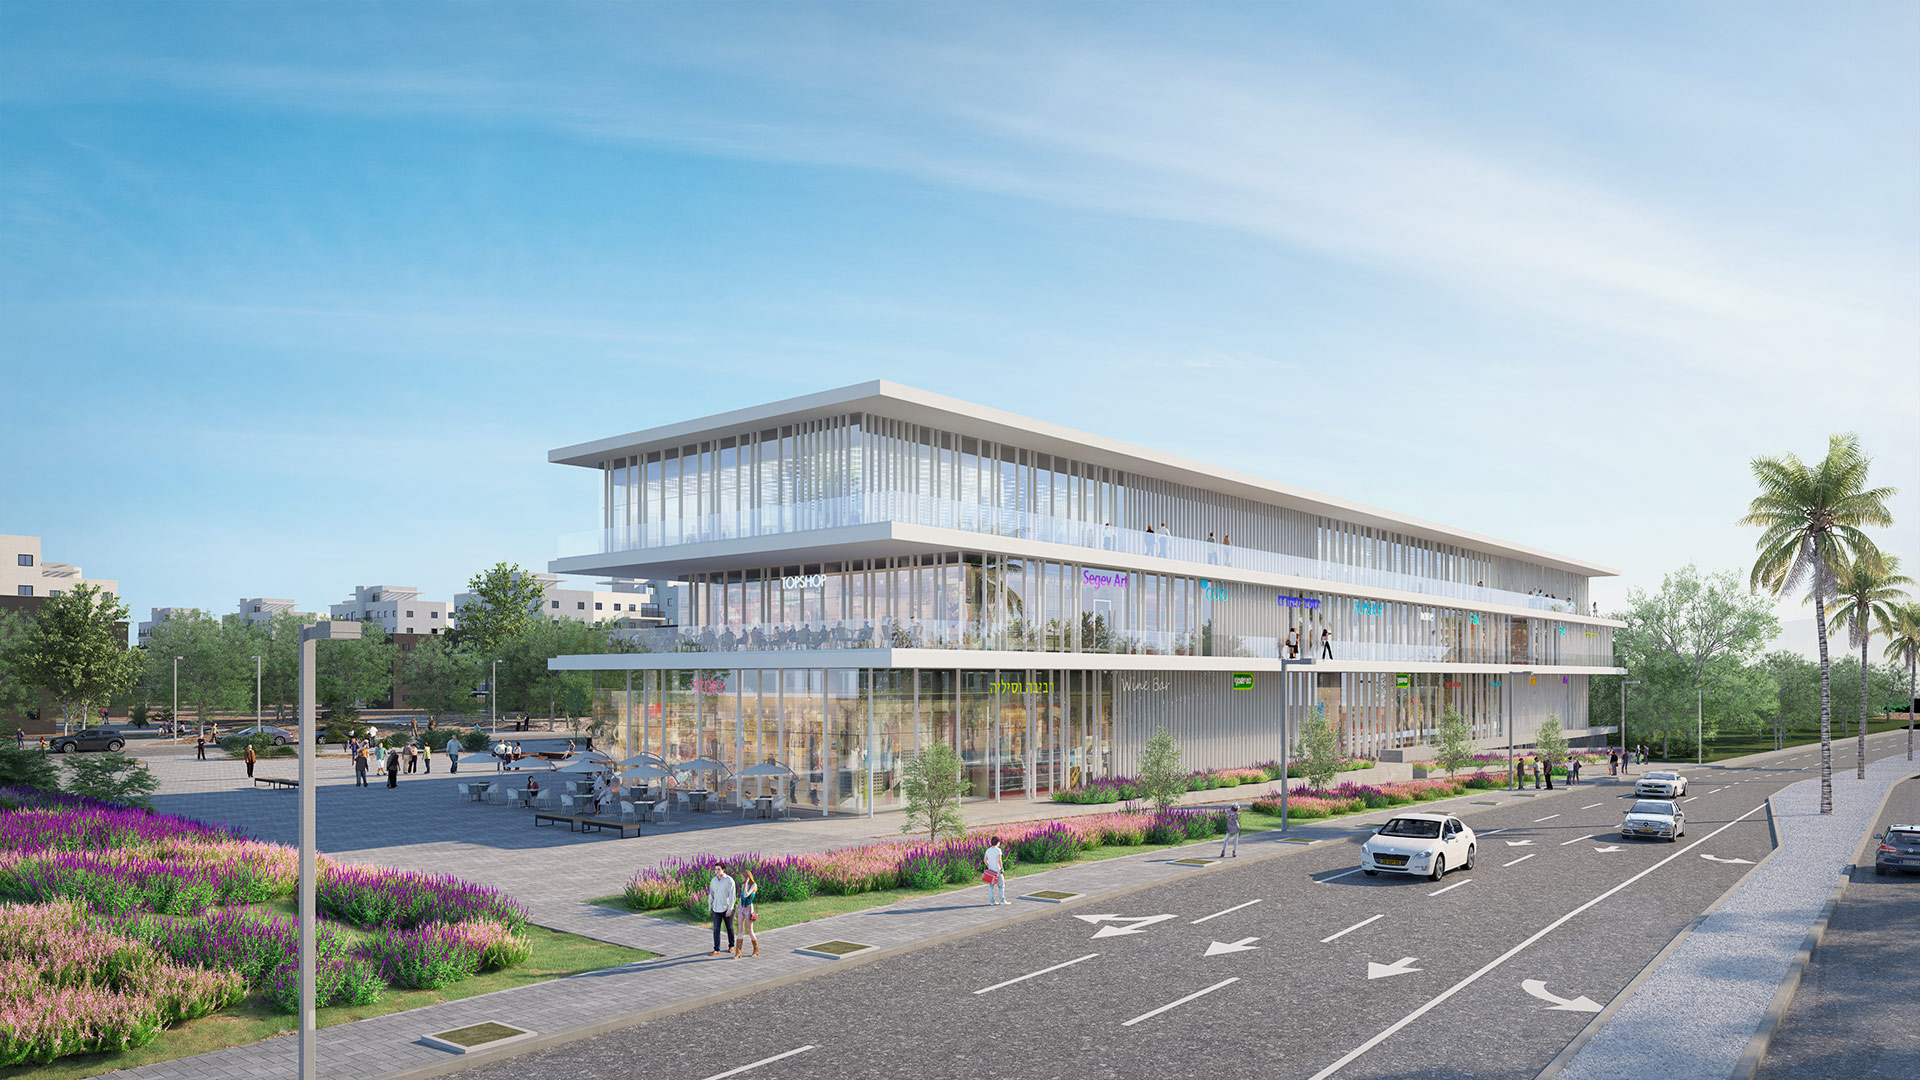 הדמיה אדריכלית של מרכז מסחרי